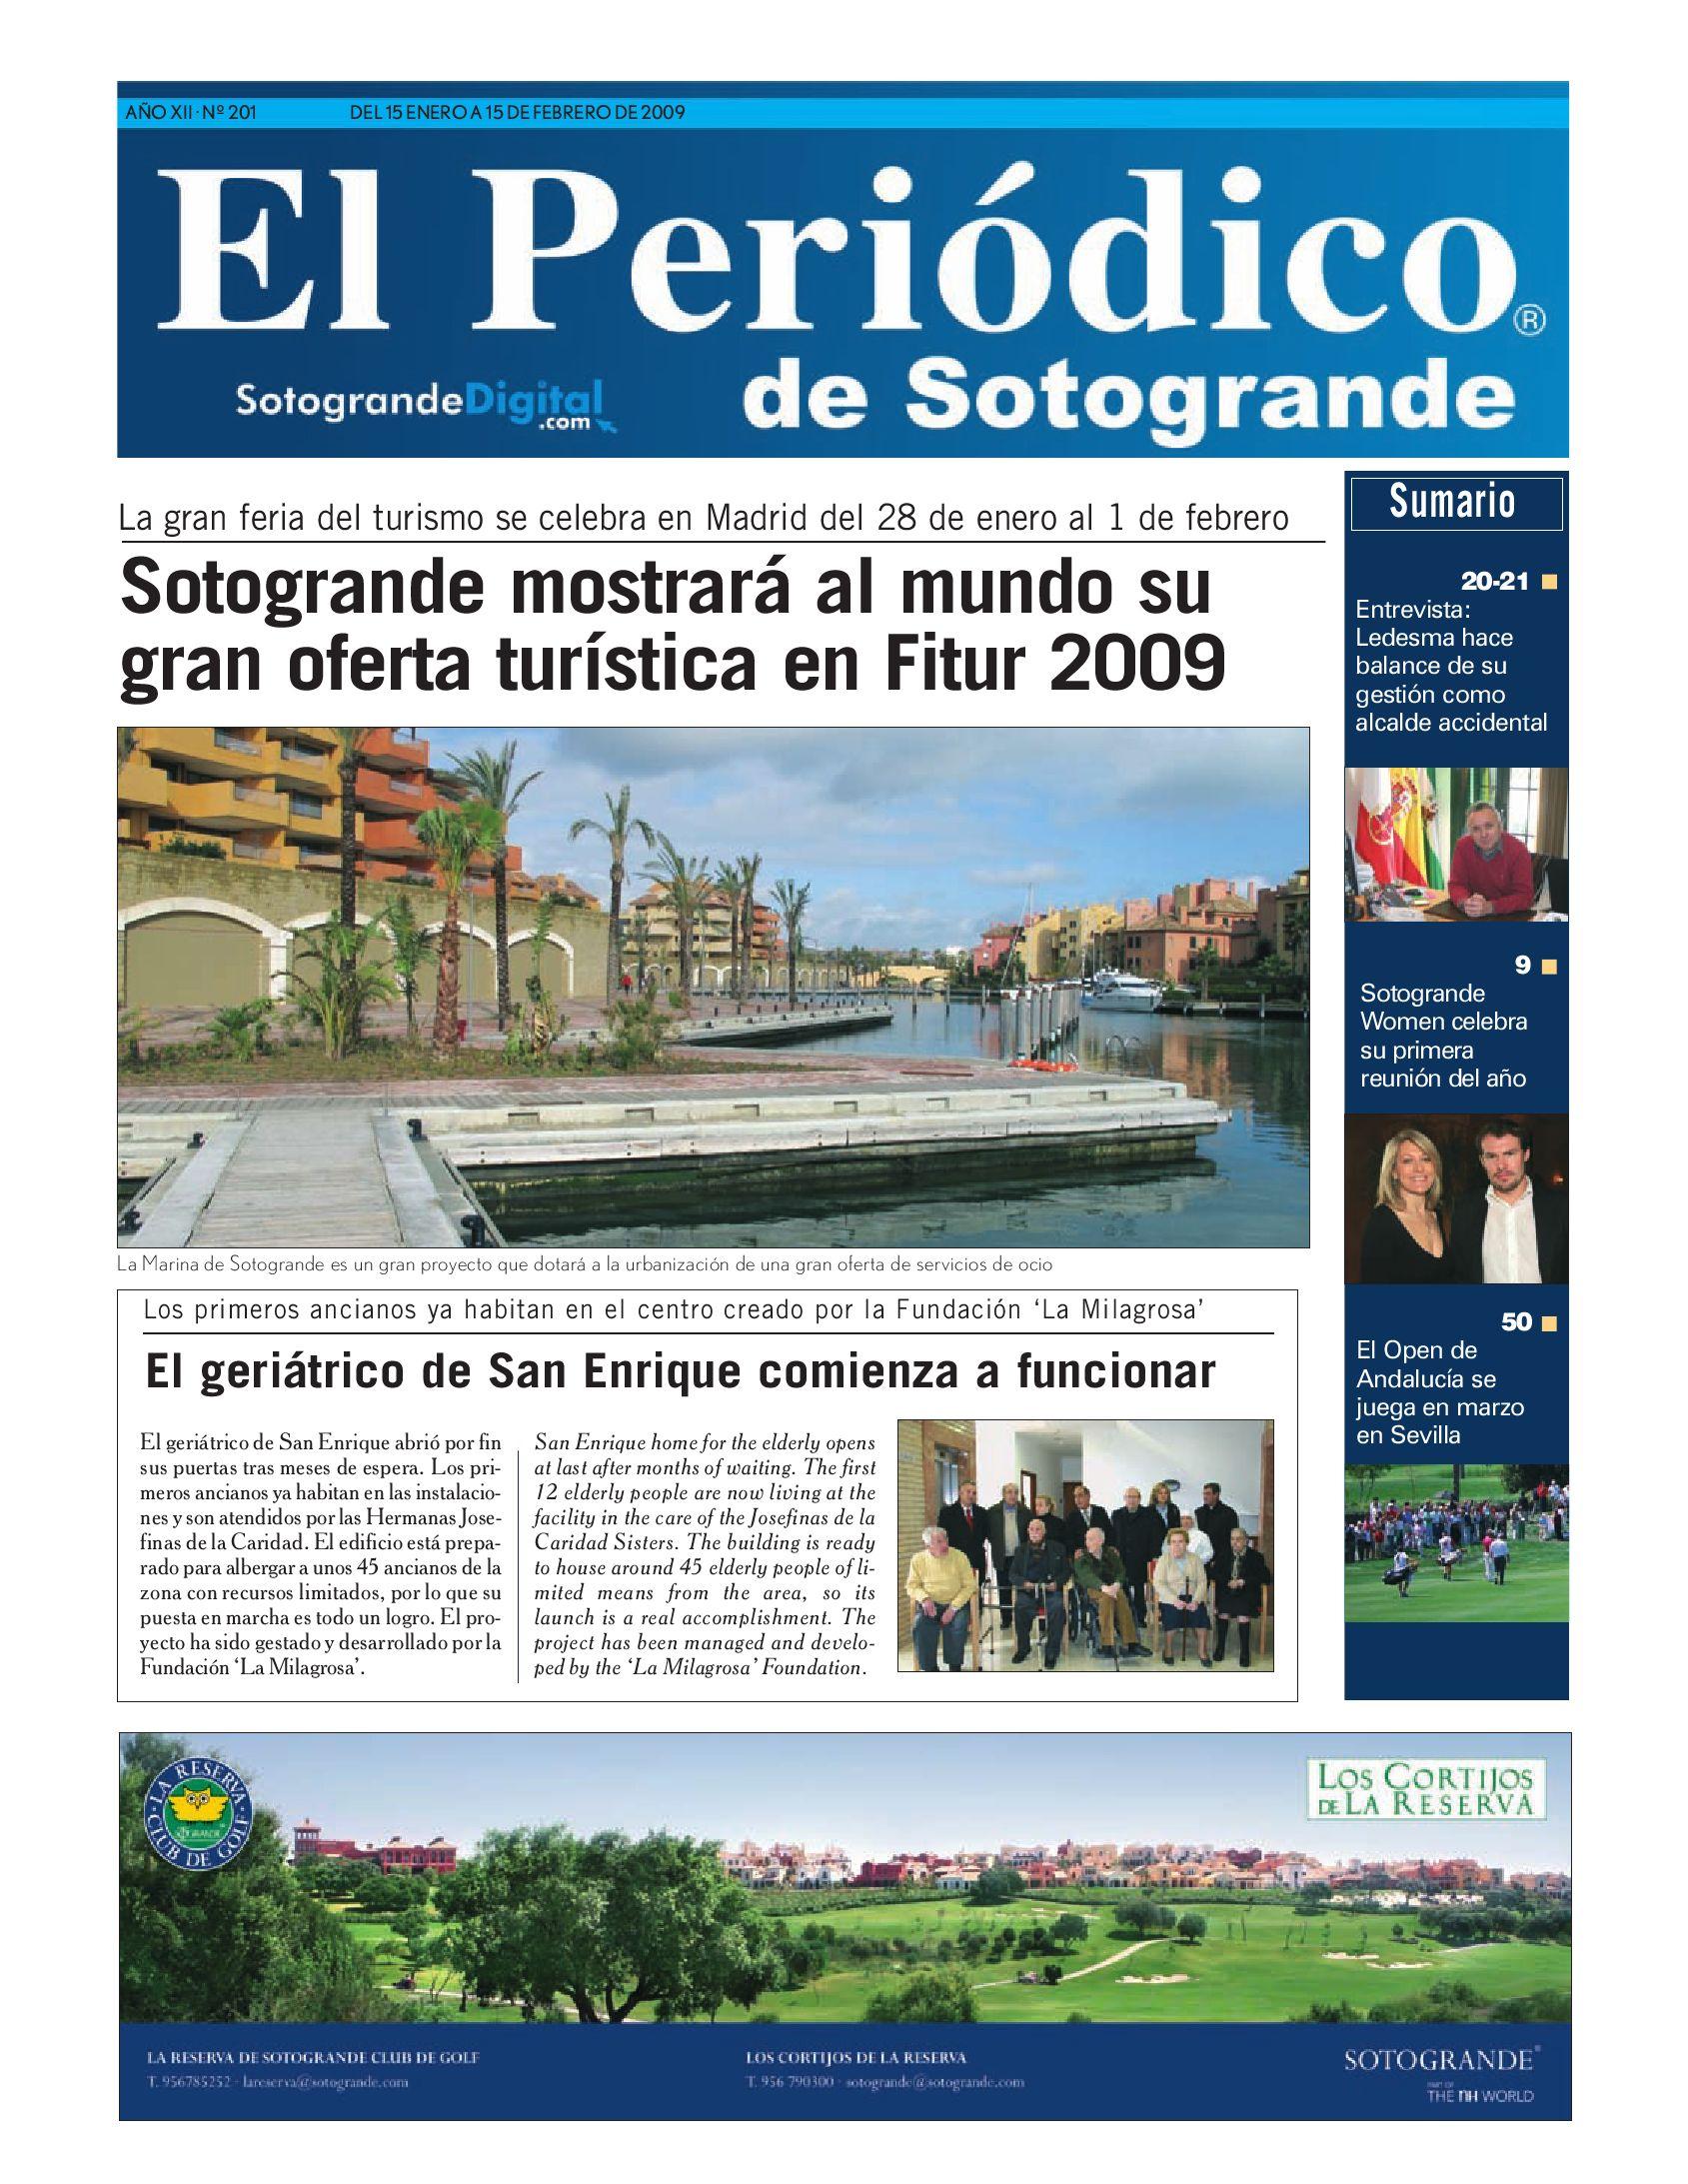 El Periódico de Sotogrande by HCP GROUP SOTOGRANDE - issuu 52f703af555